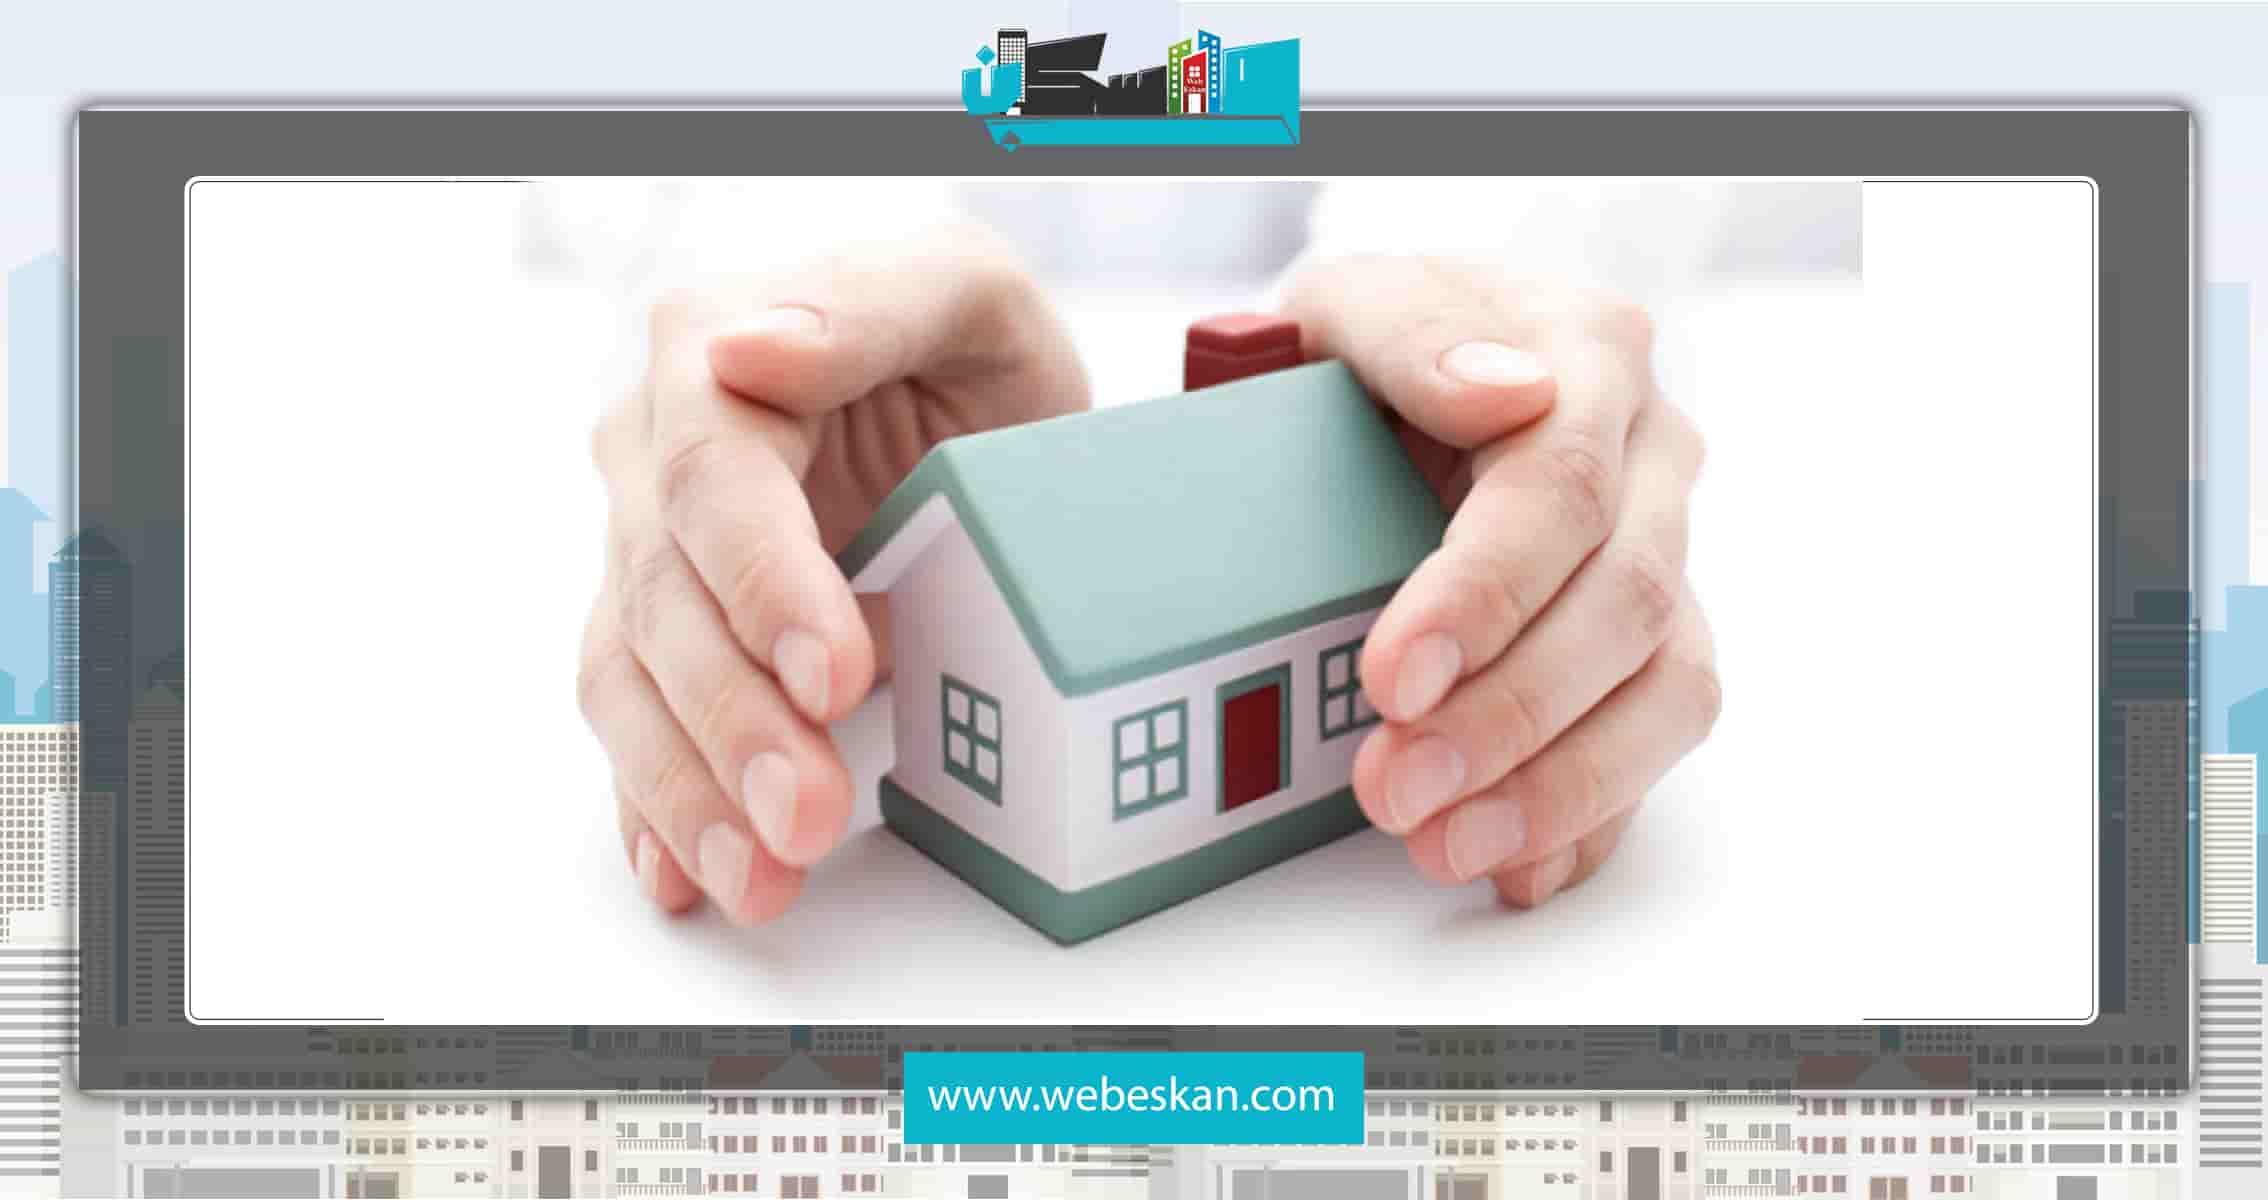 شاخص های فنی، امنیتی و حفاظتی ساختمان ها